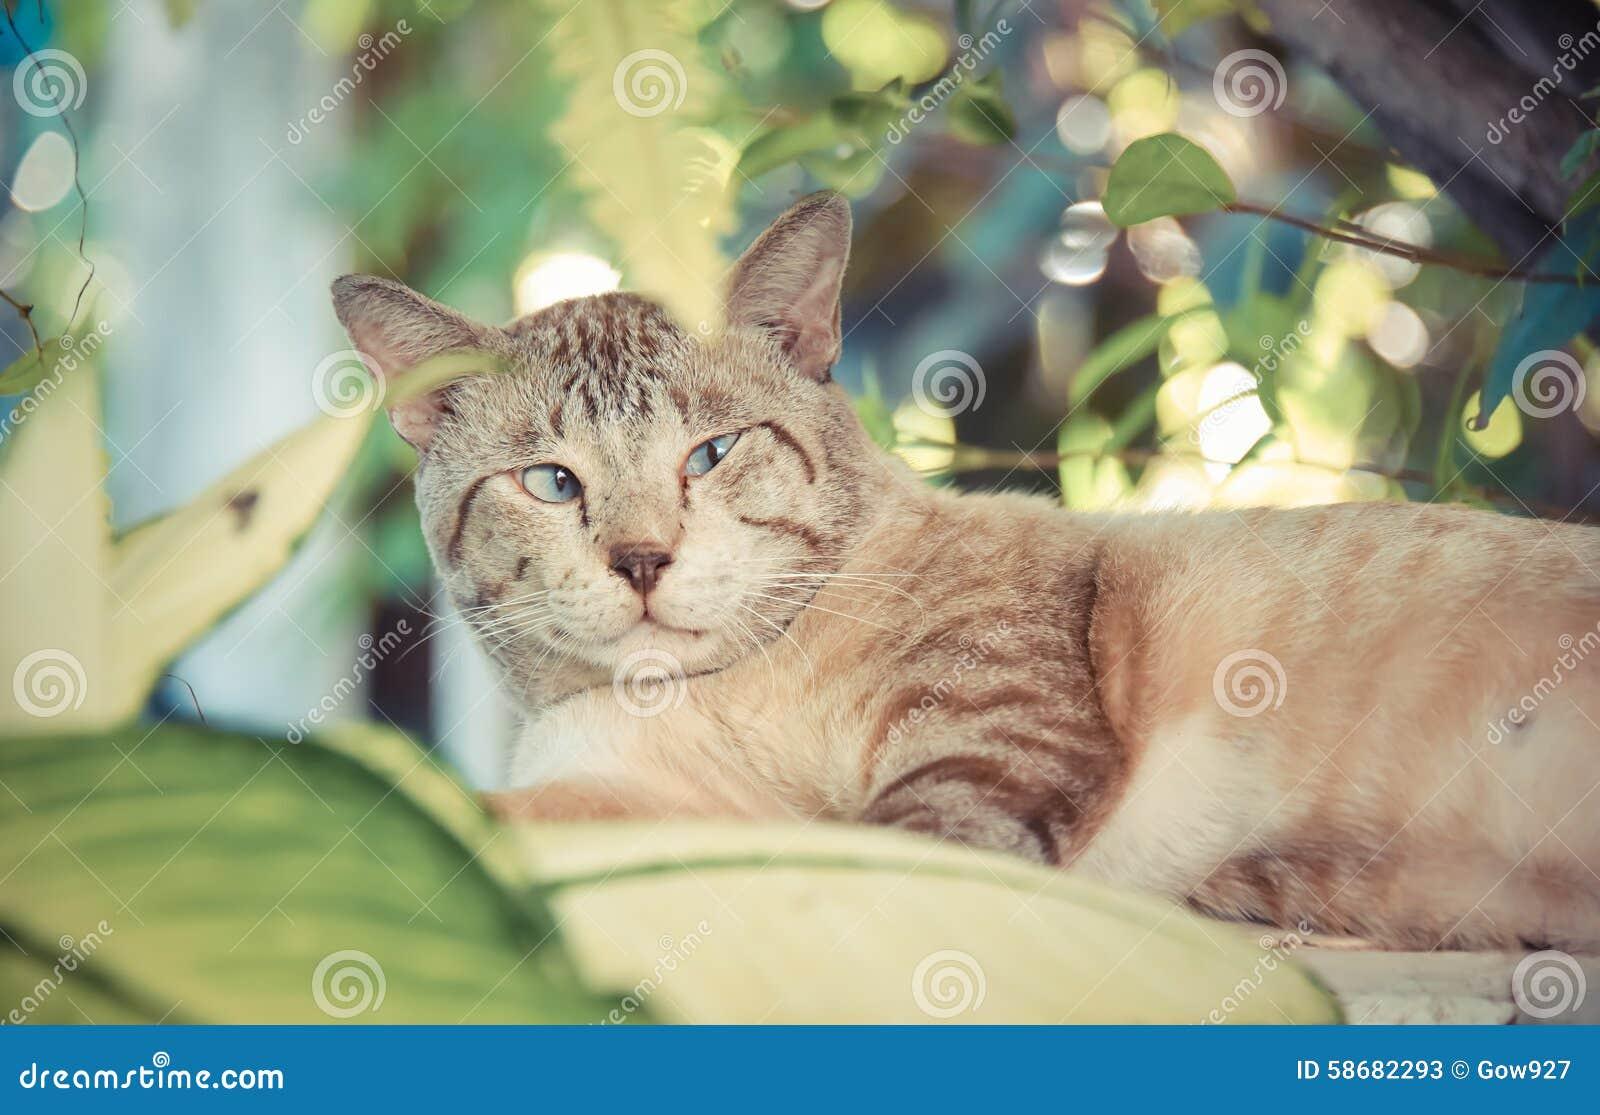 Тучный снежный кот показывает тревожность и предупреждает выражение в